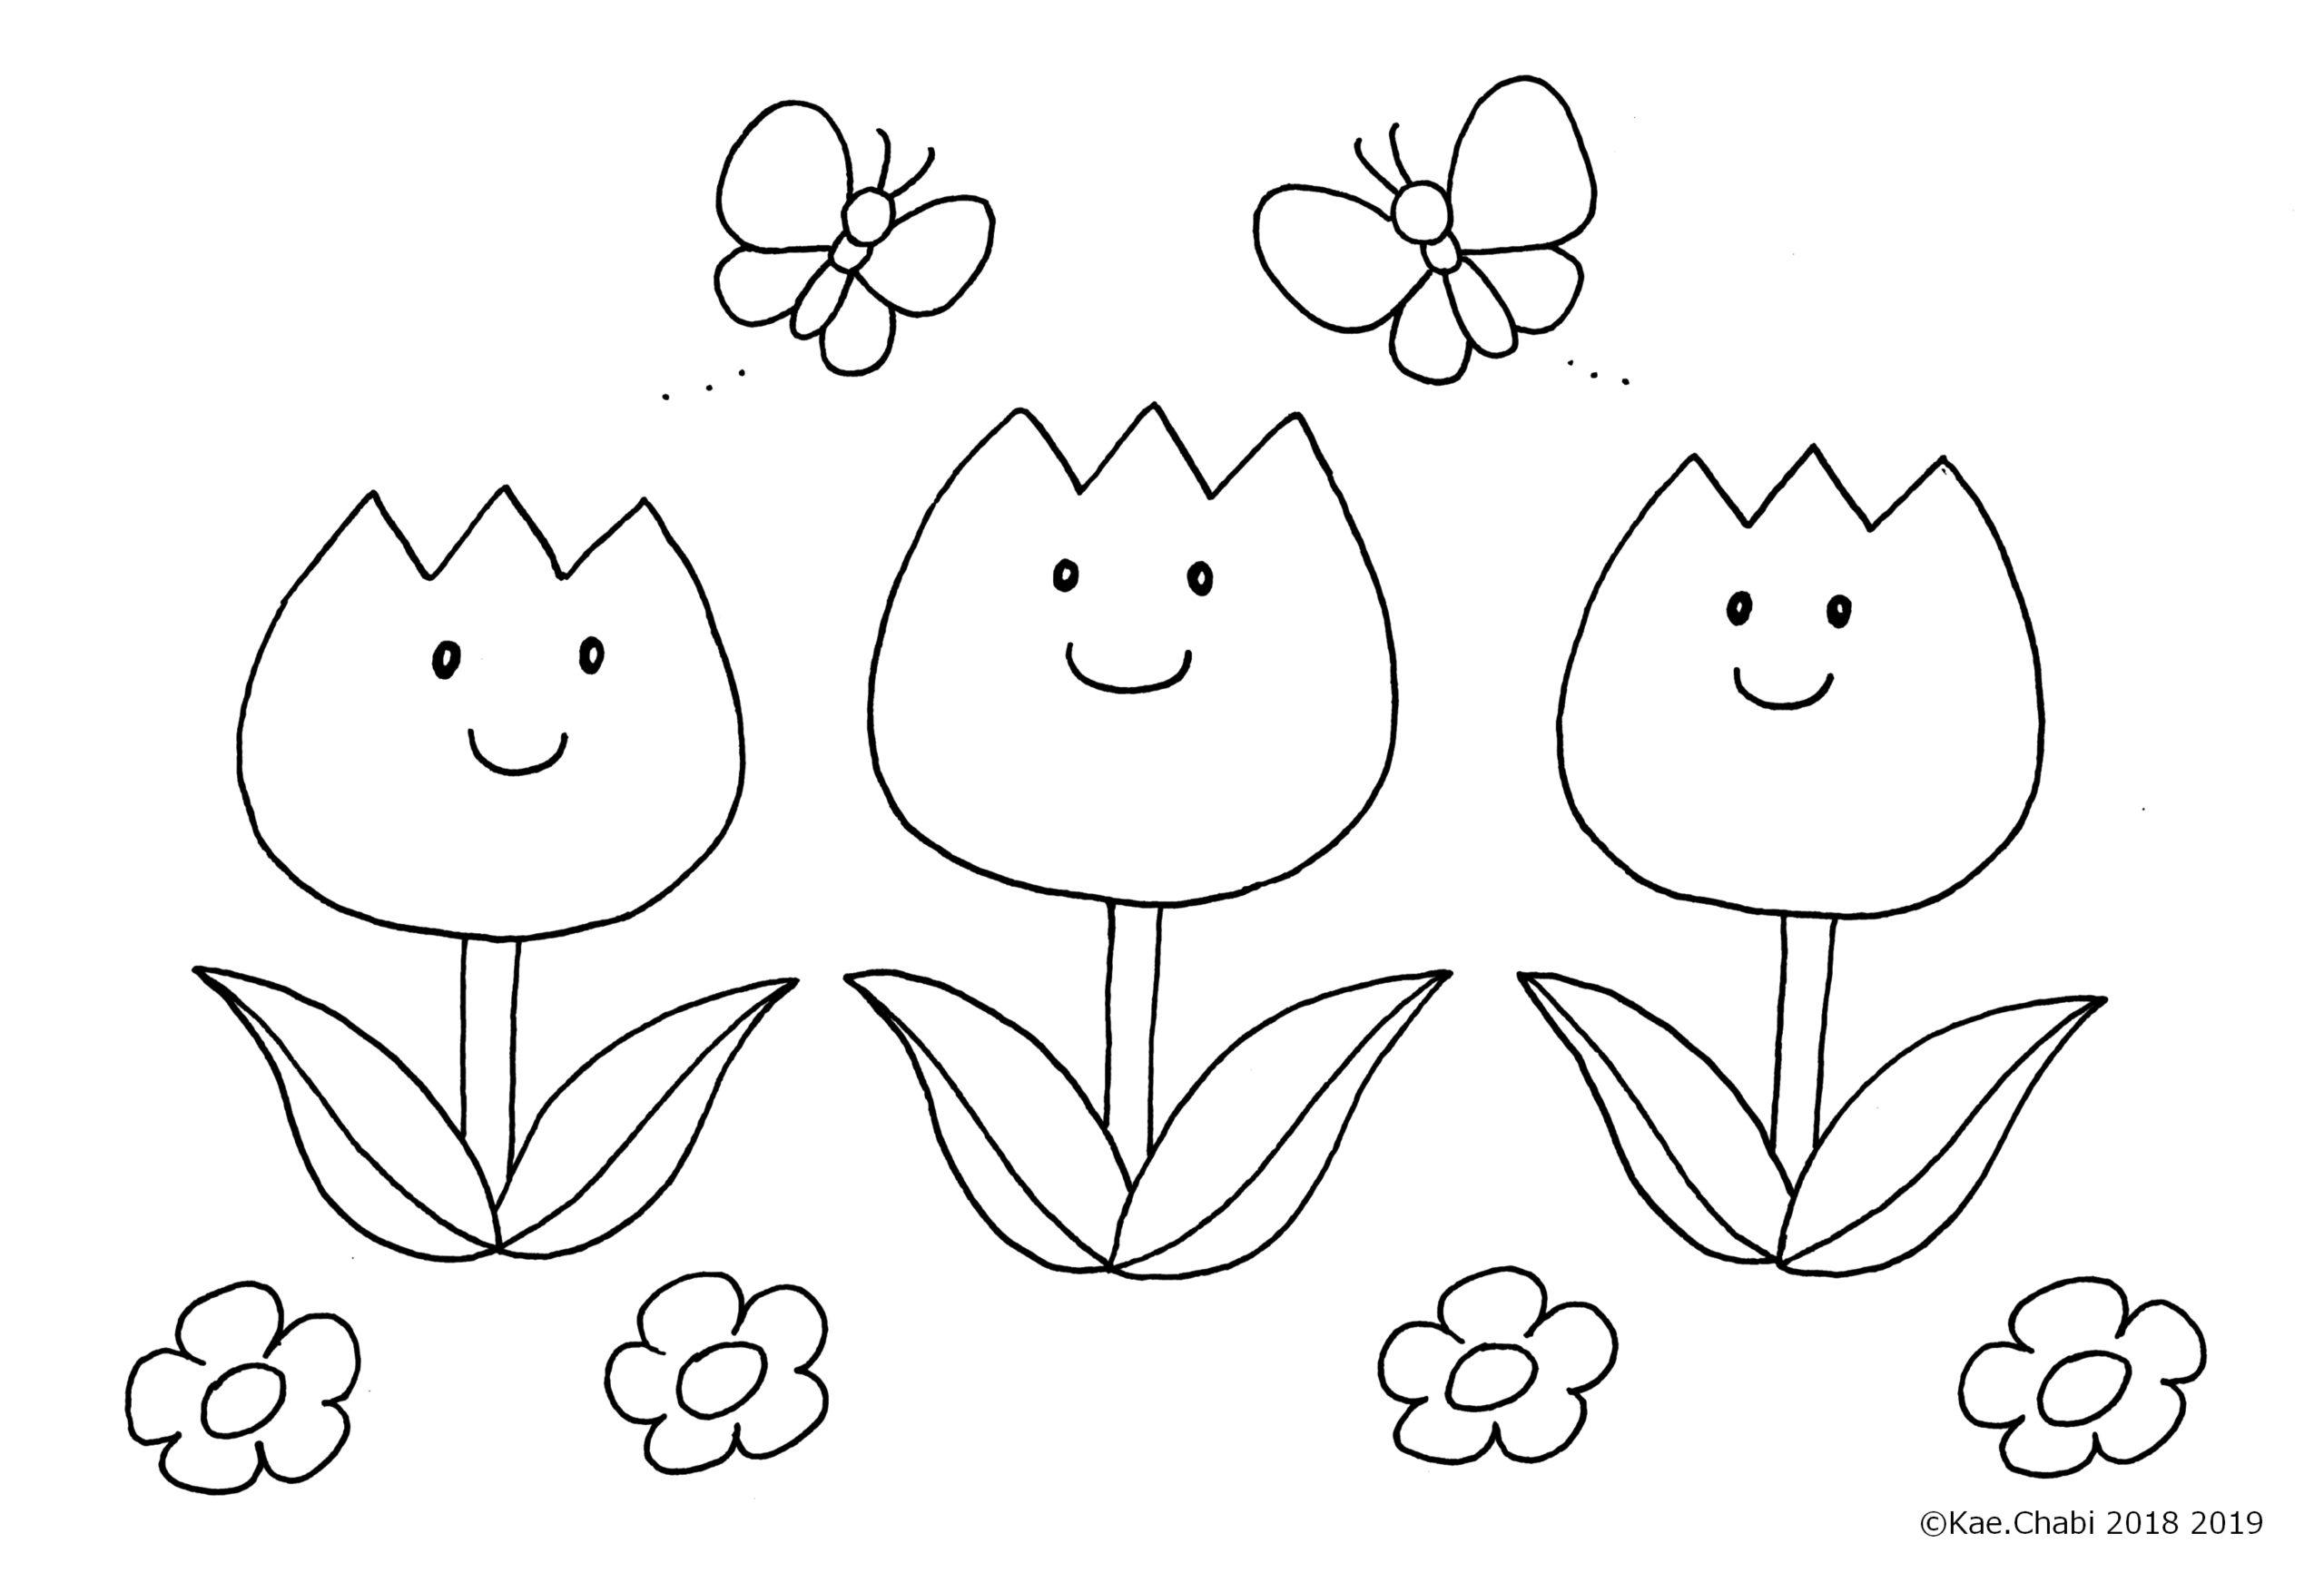 4月 5月にも使えるかわいいチューリップの塗り絵 花束 ぬりえ線画 他 童話モチーフも かえちゃびのぬりえカレンダー